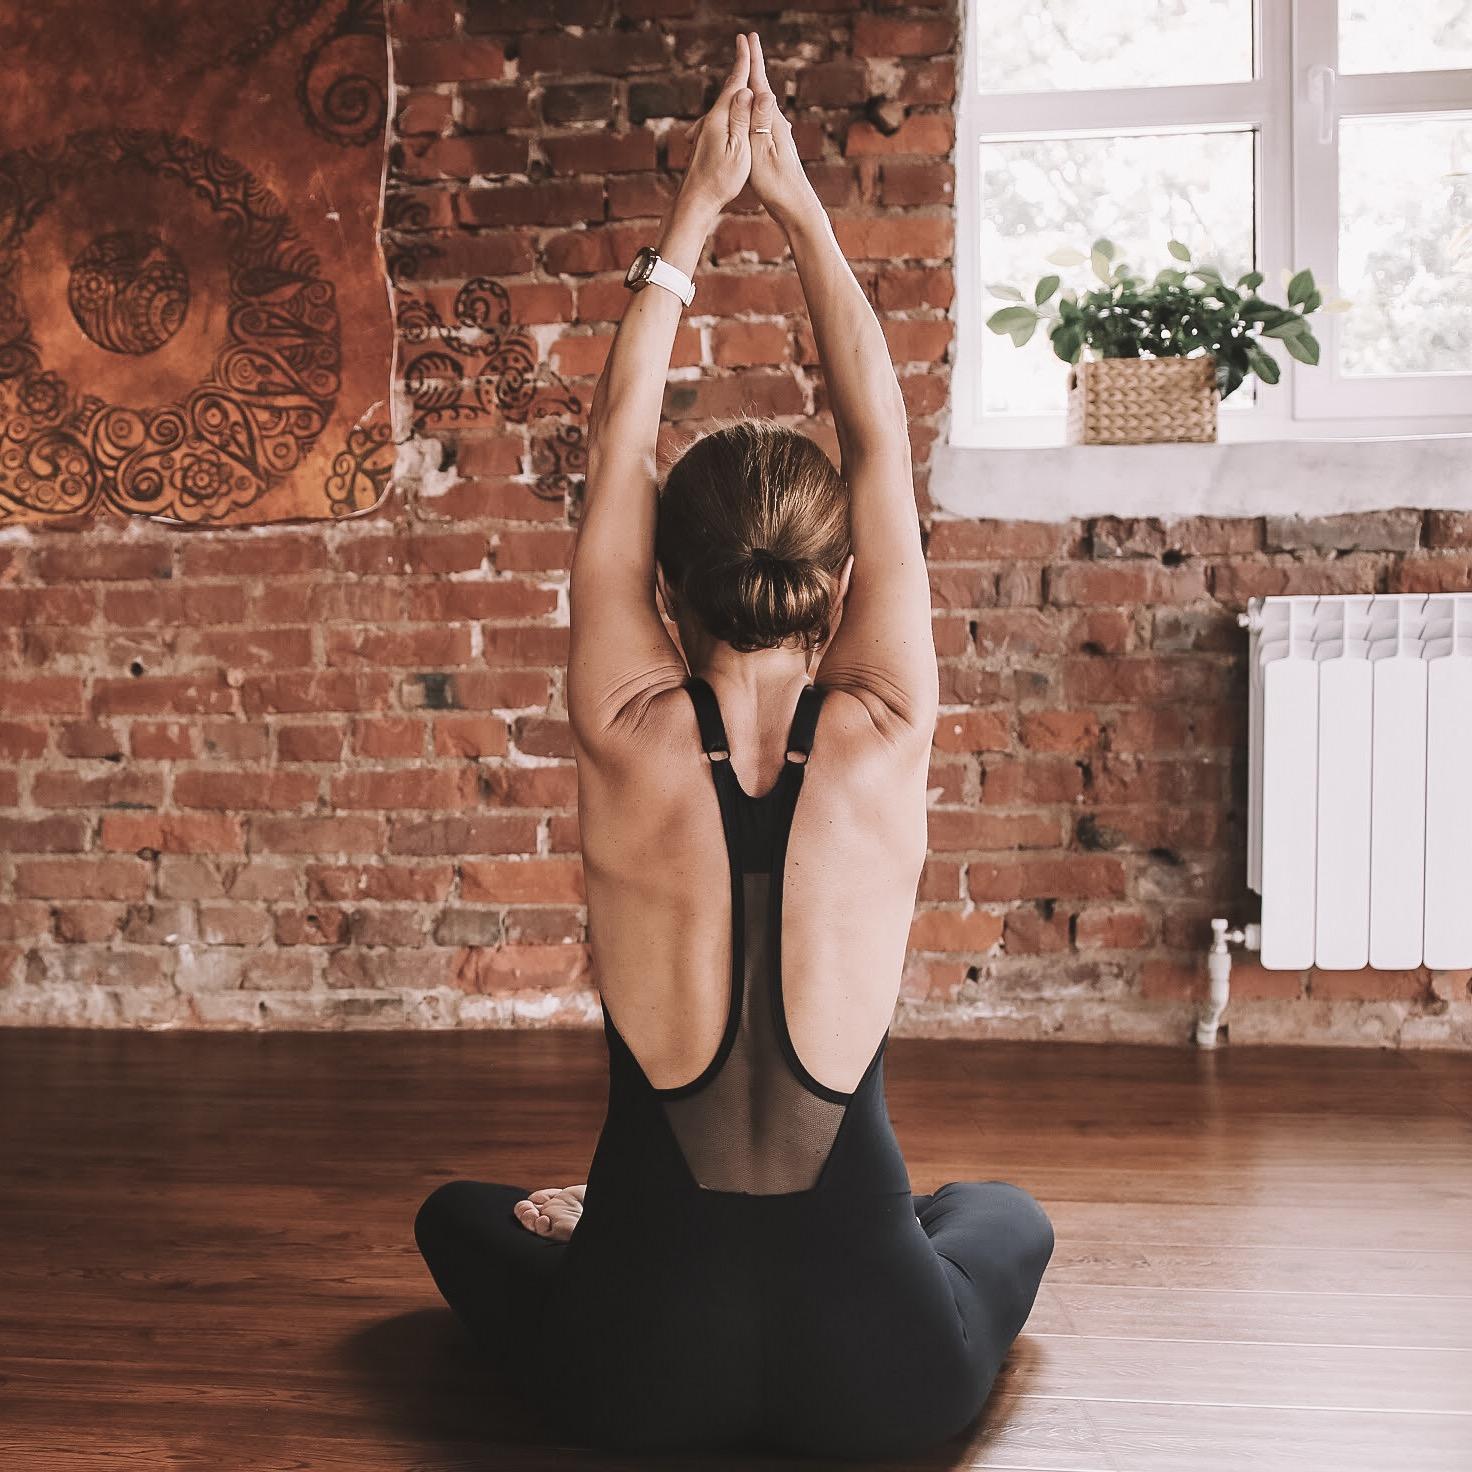 Похудеть помощью йоги